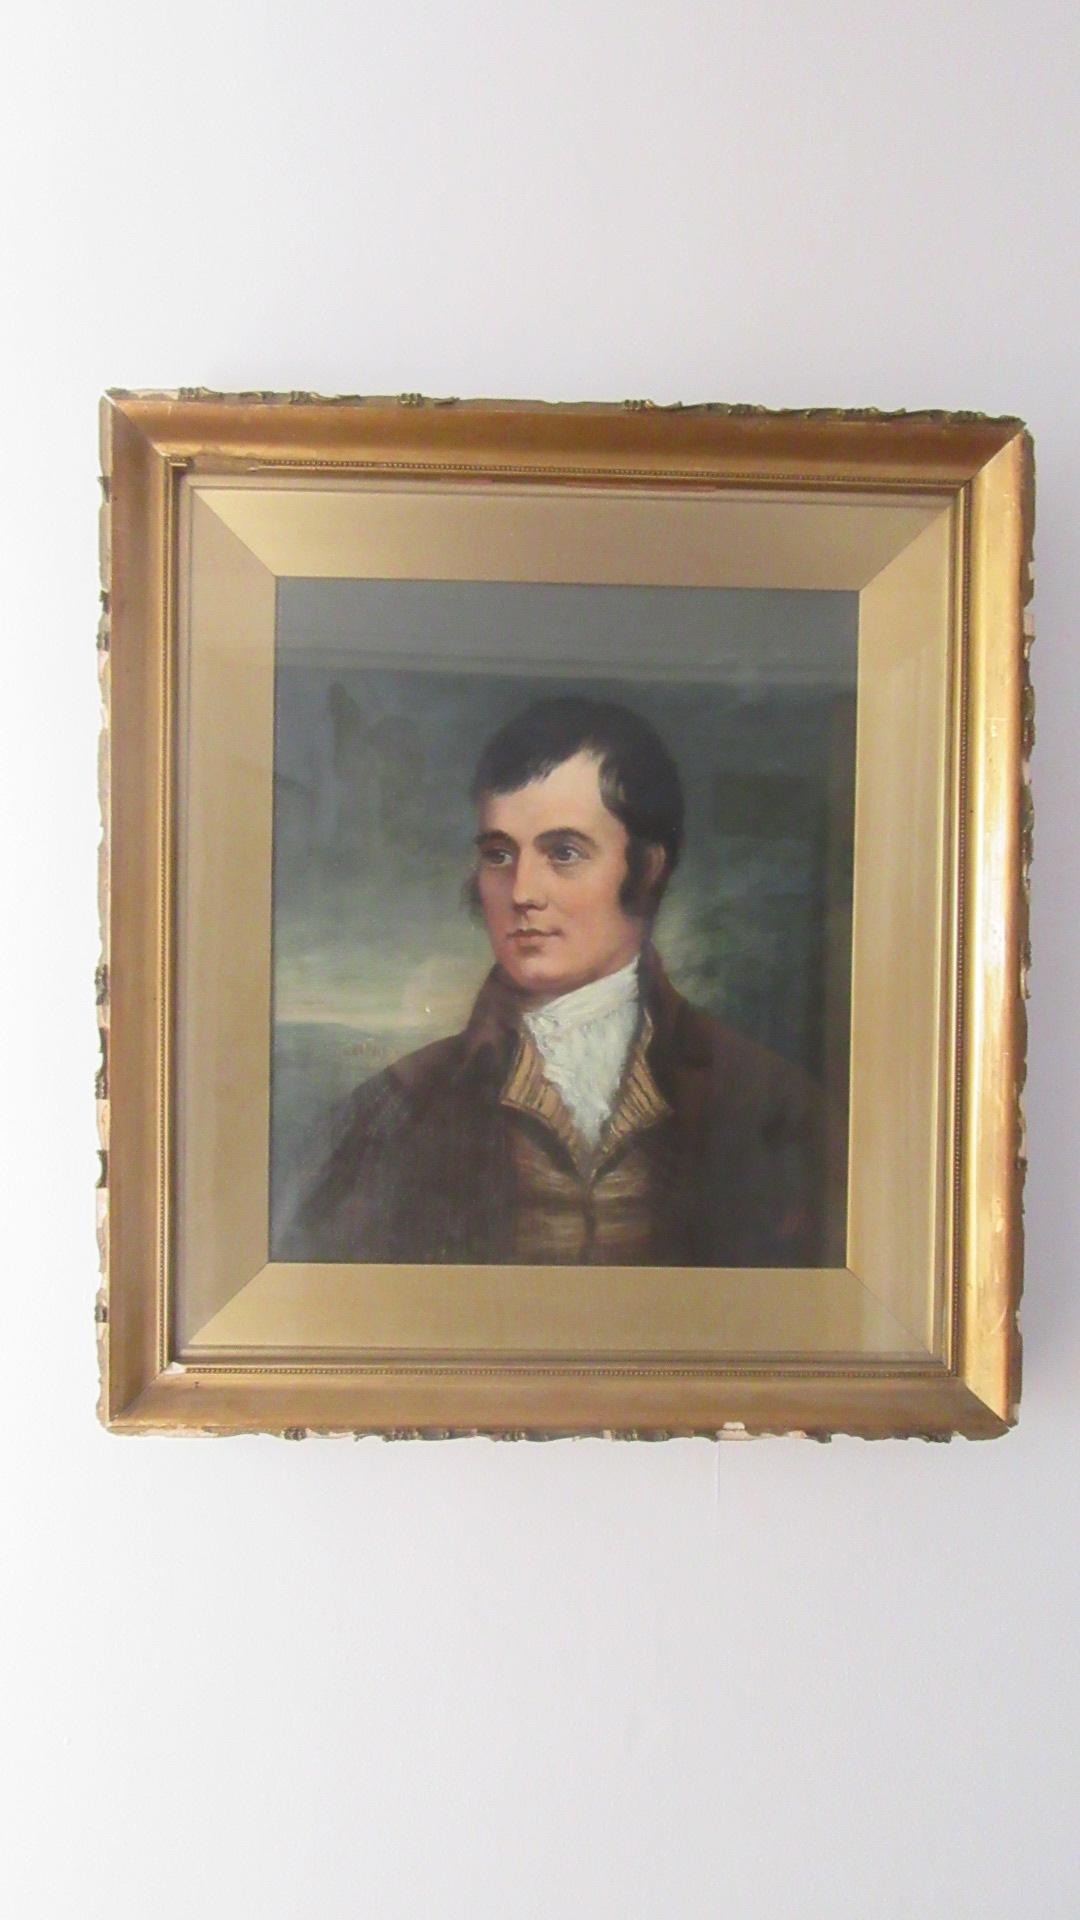 ANTIQUE PORTRAIT OF A GENTLEMAN ROBERT BURNS